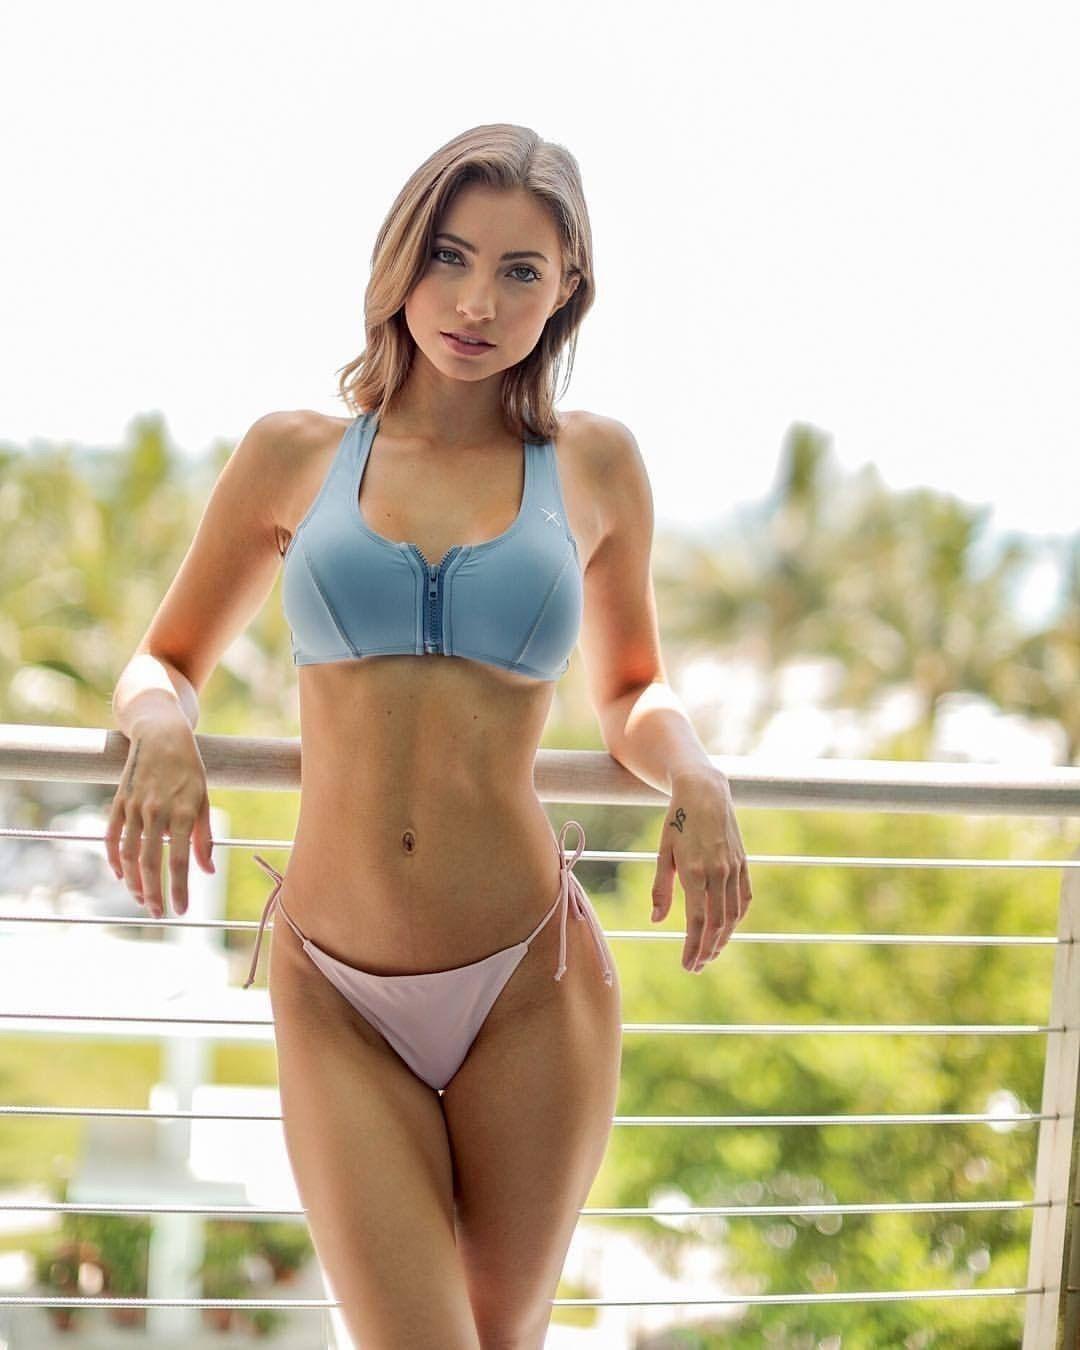 Bikini fajčenie